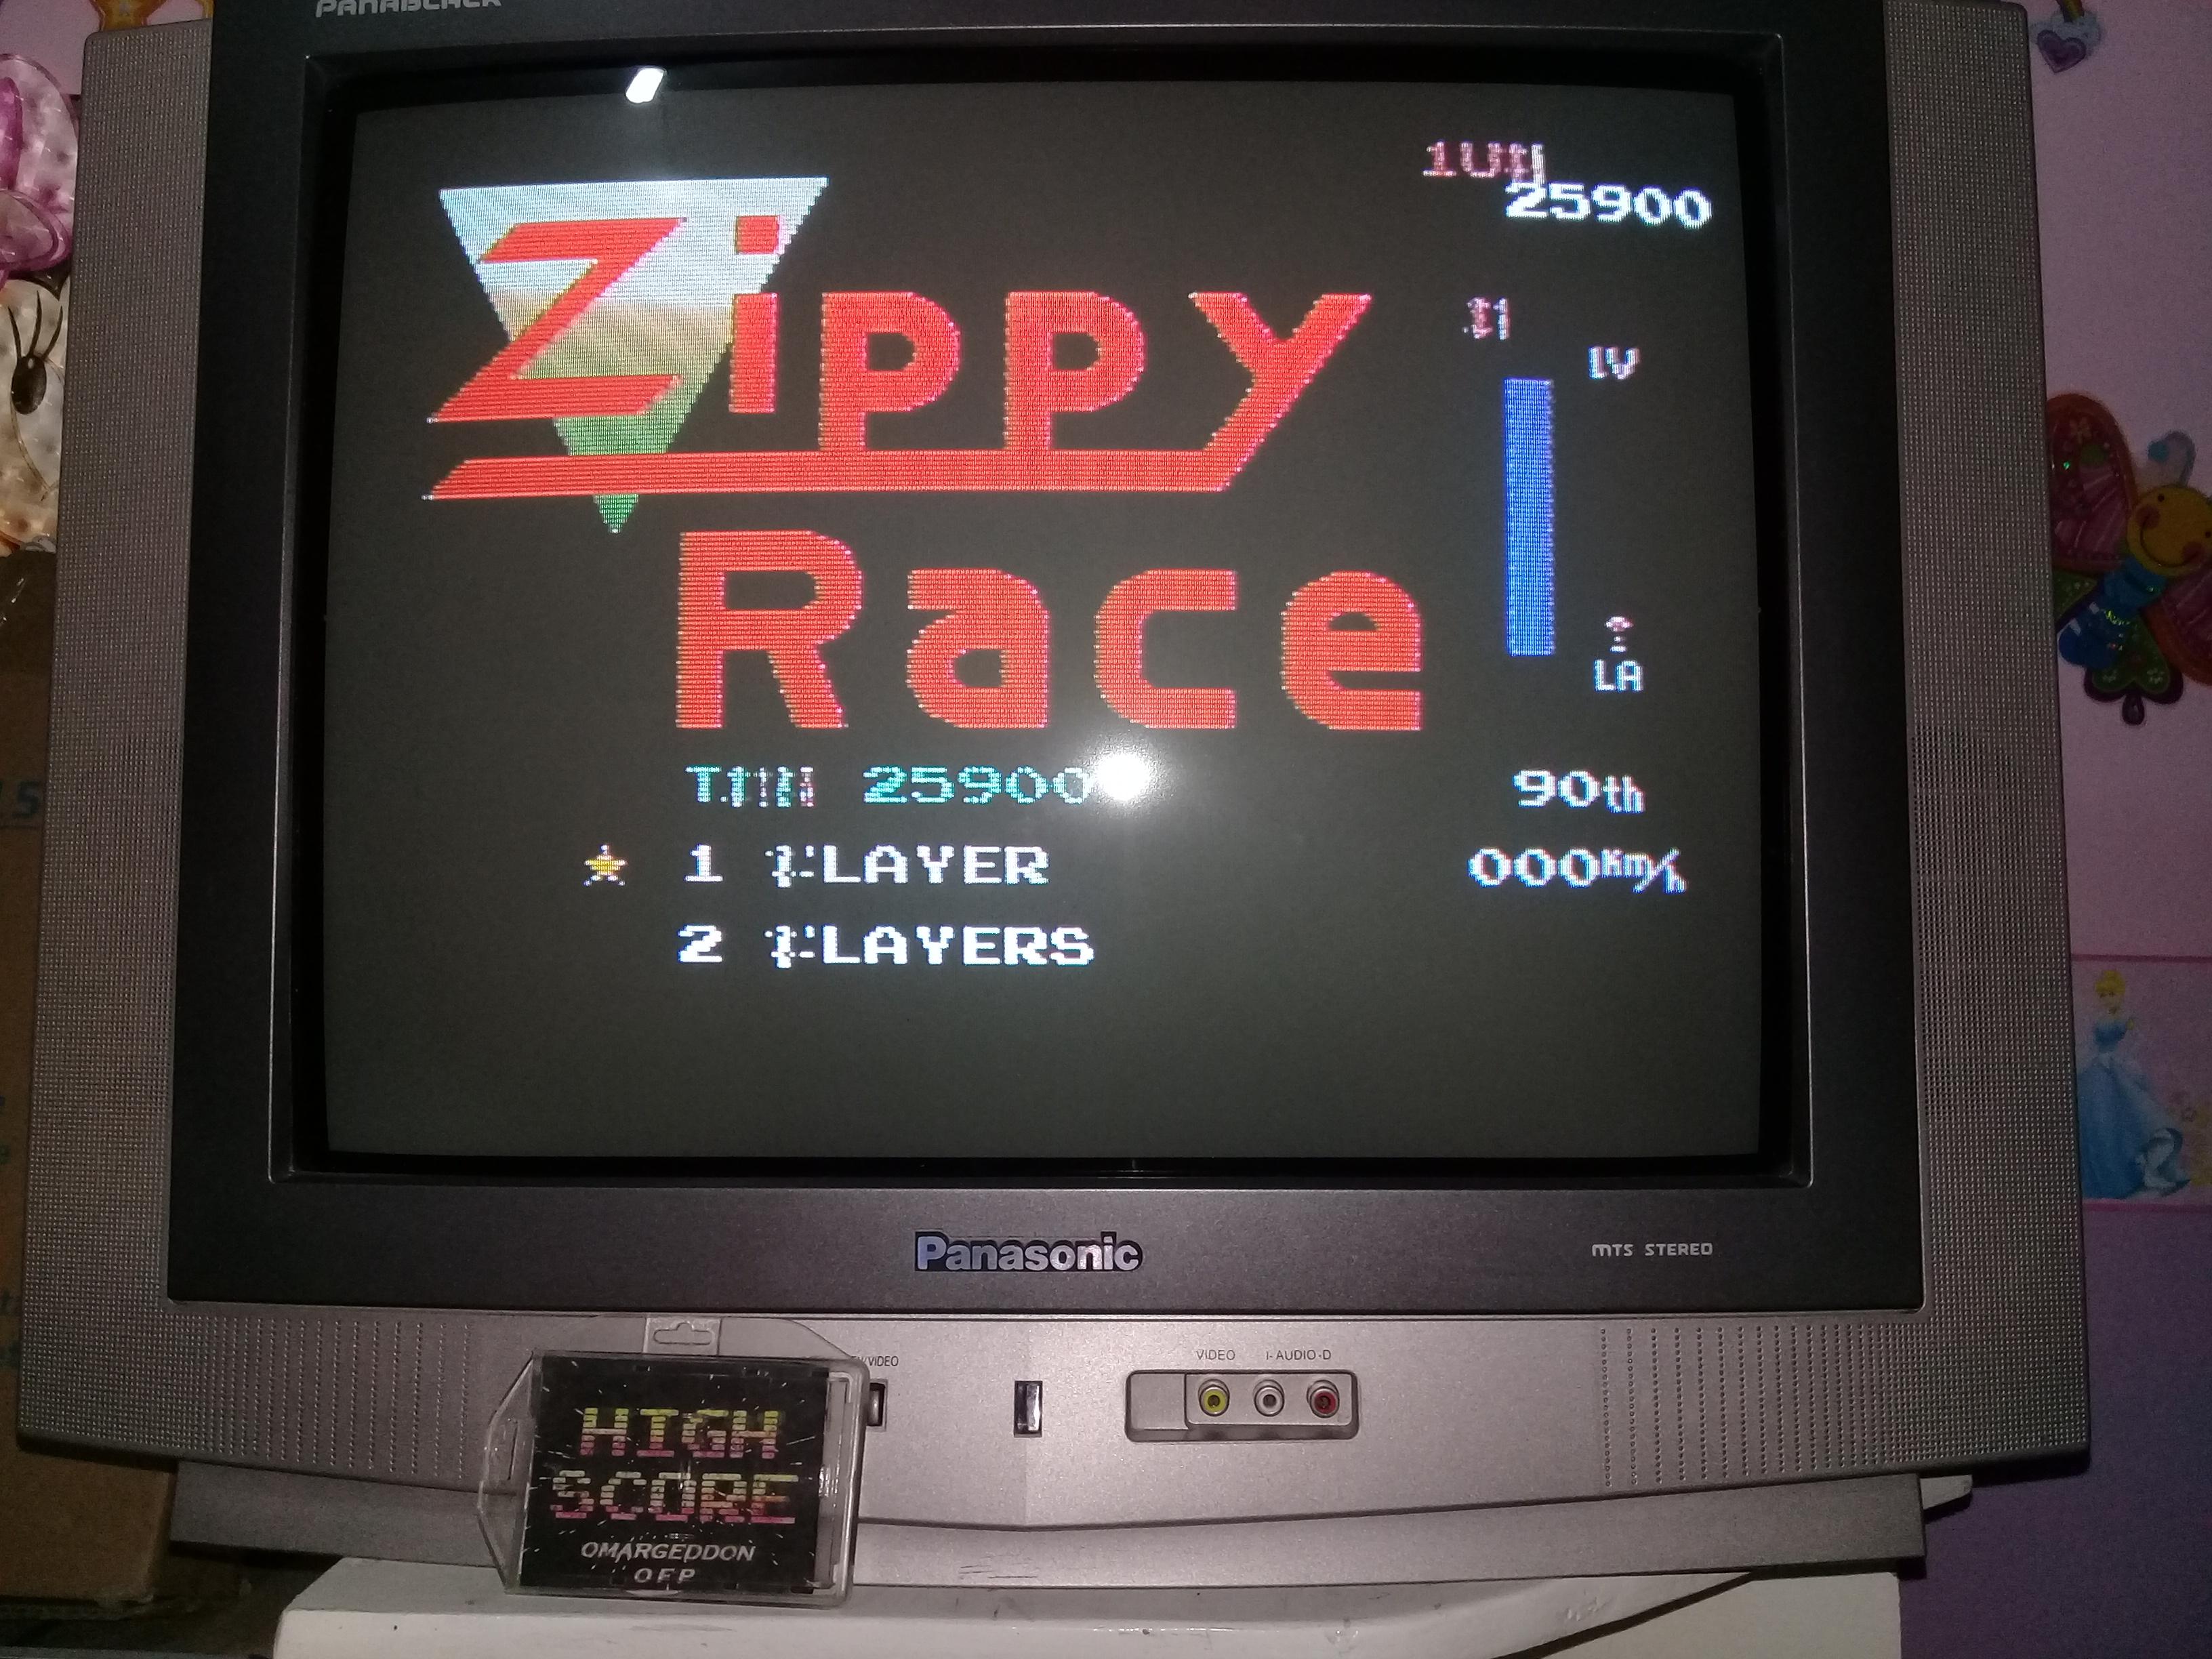 omargeddon: Zippy Race / MotoRace U.S.A. (NES/Famicom) 25,900 points on 2019-03-25 19:51:10